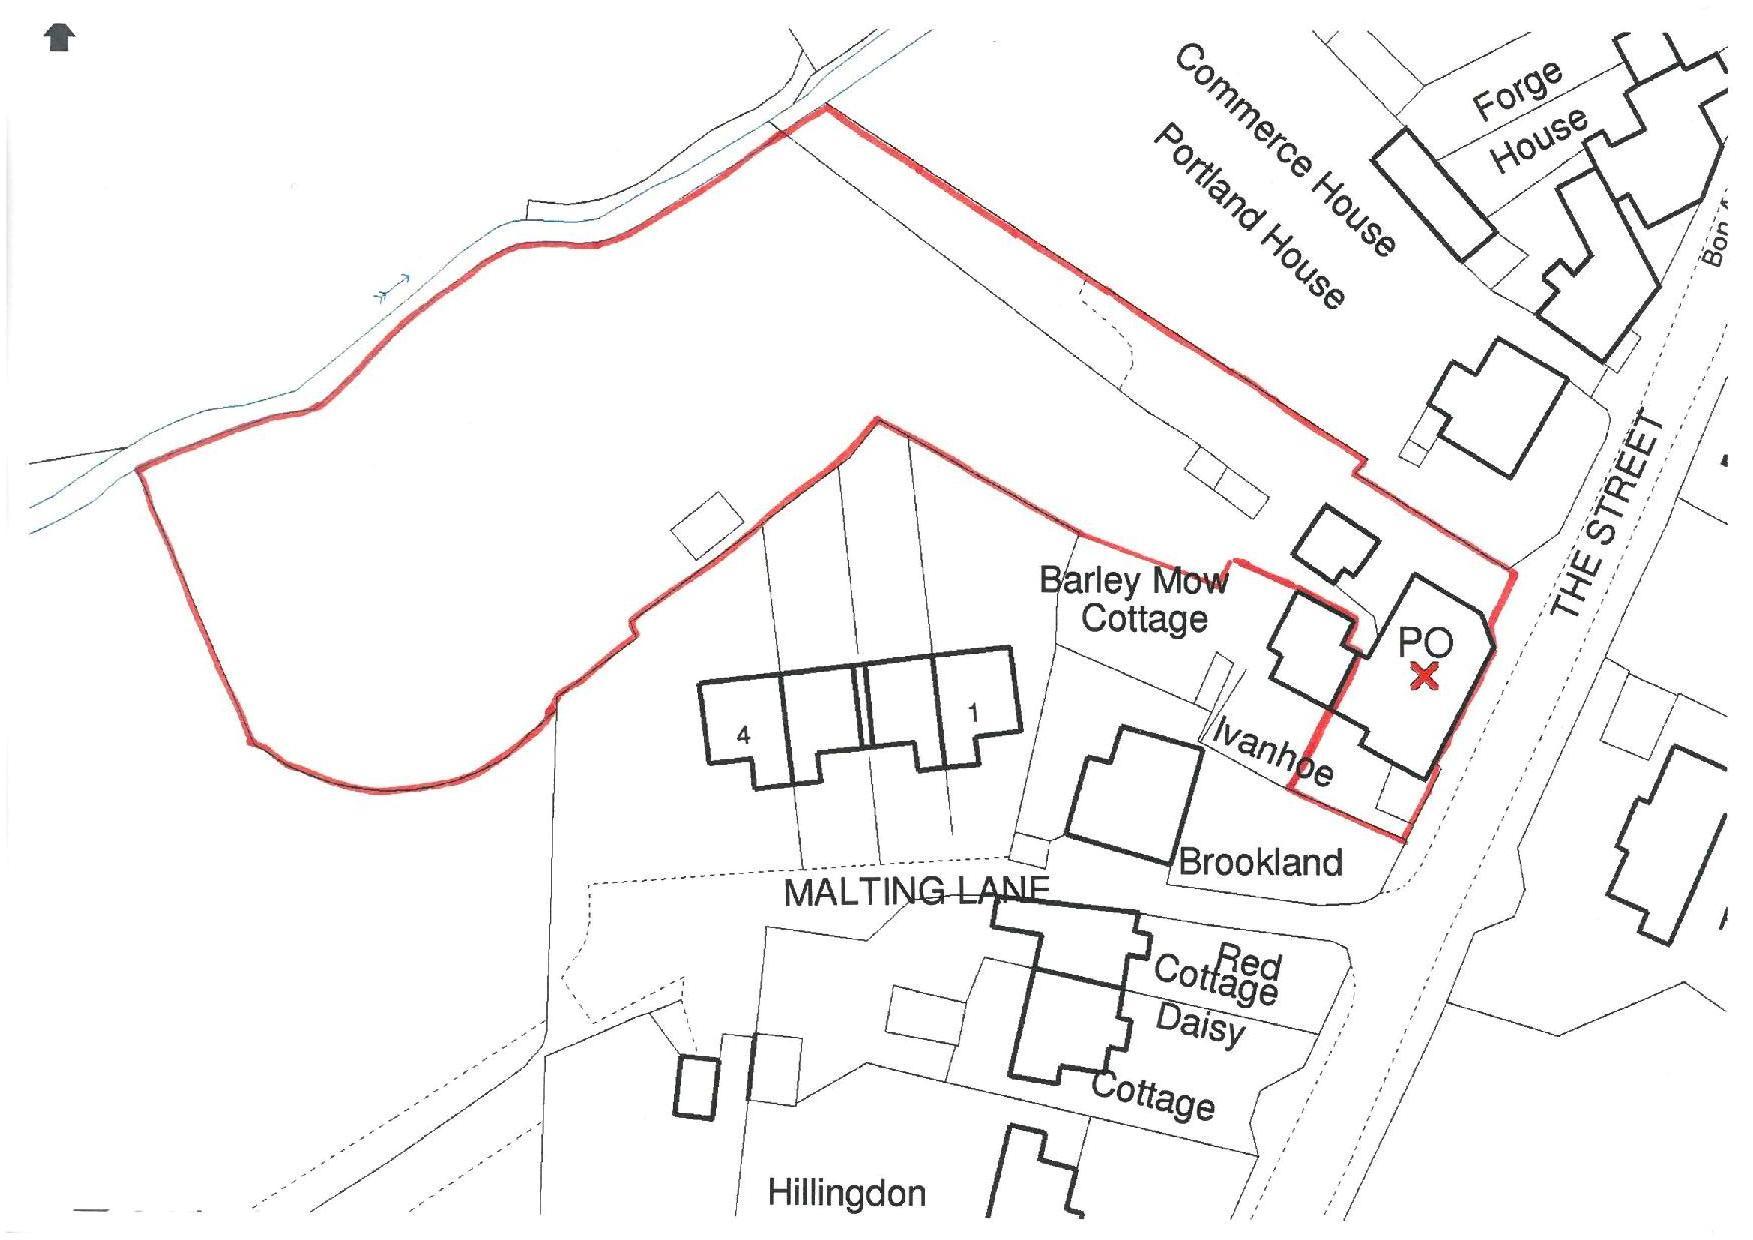 Rose Hill Grundisburgh Woodbridge Ip13 5 Bedroom Semi